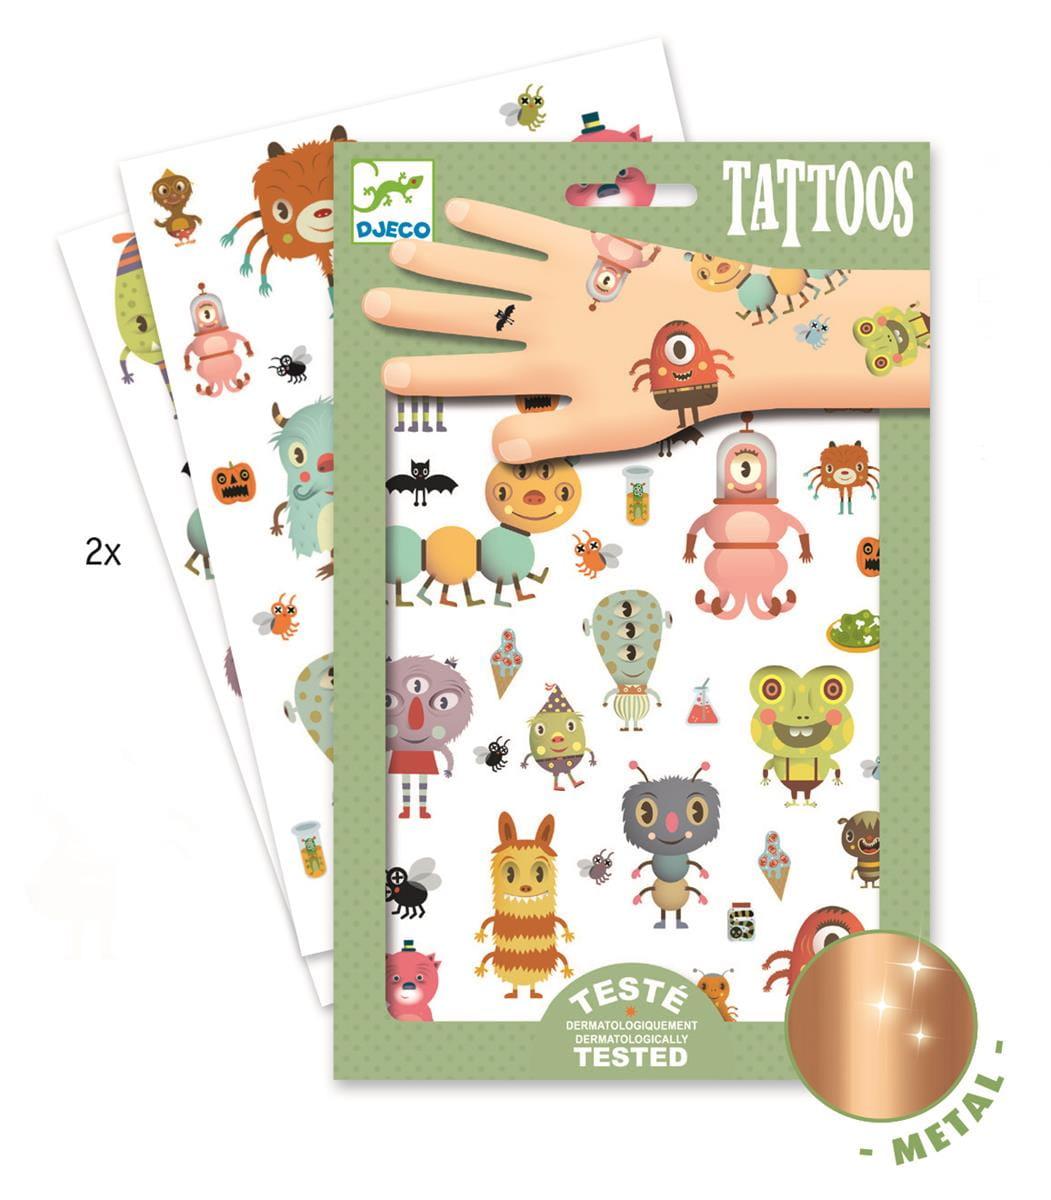 Tatuaże Potworki | Djeco